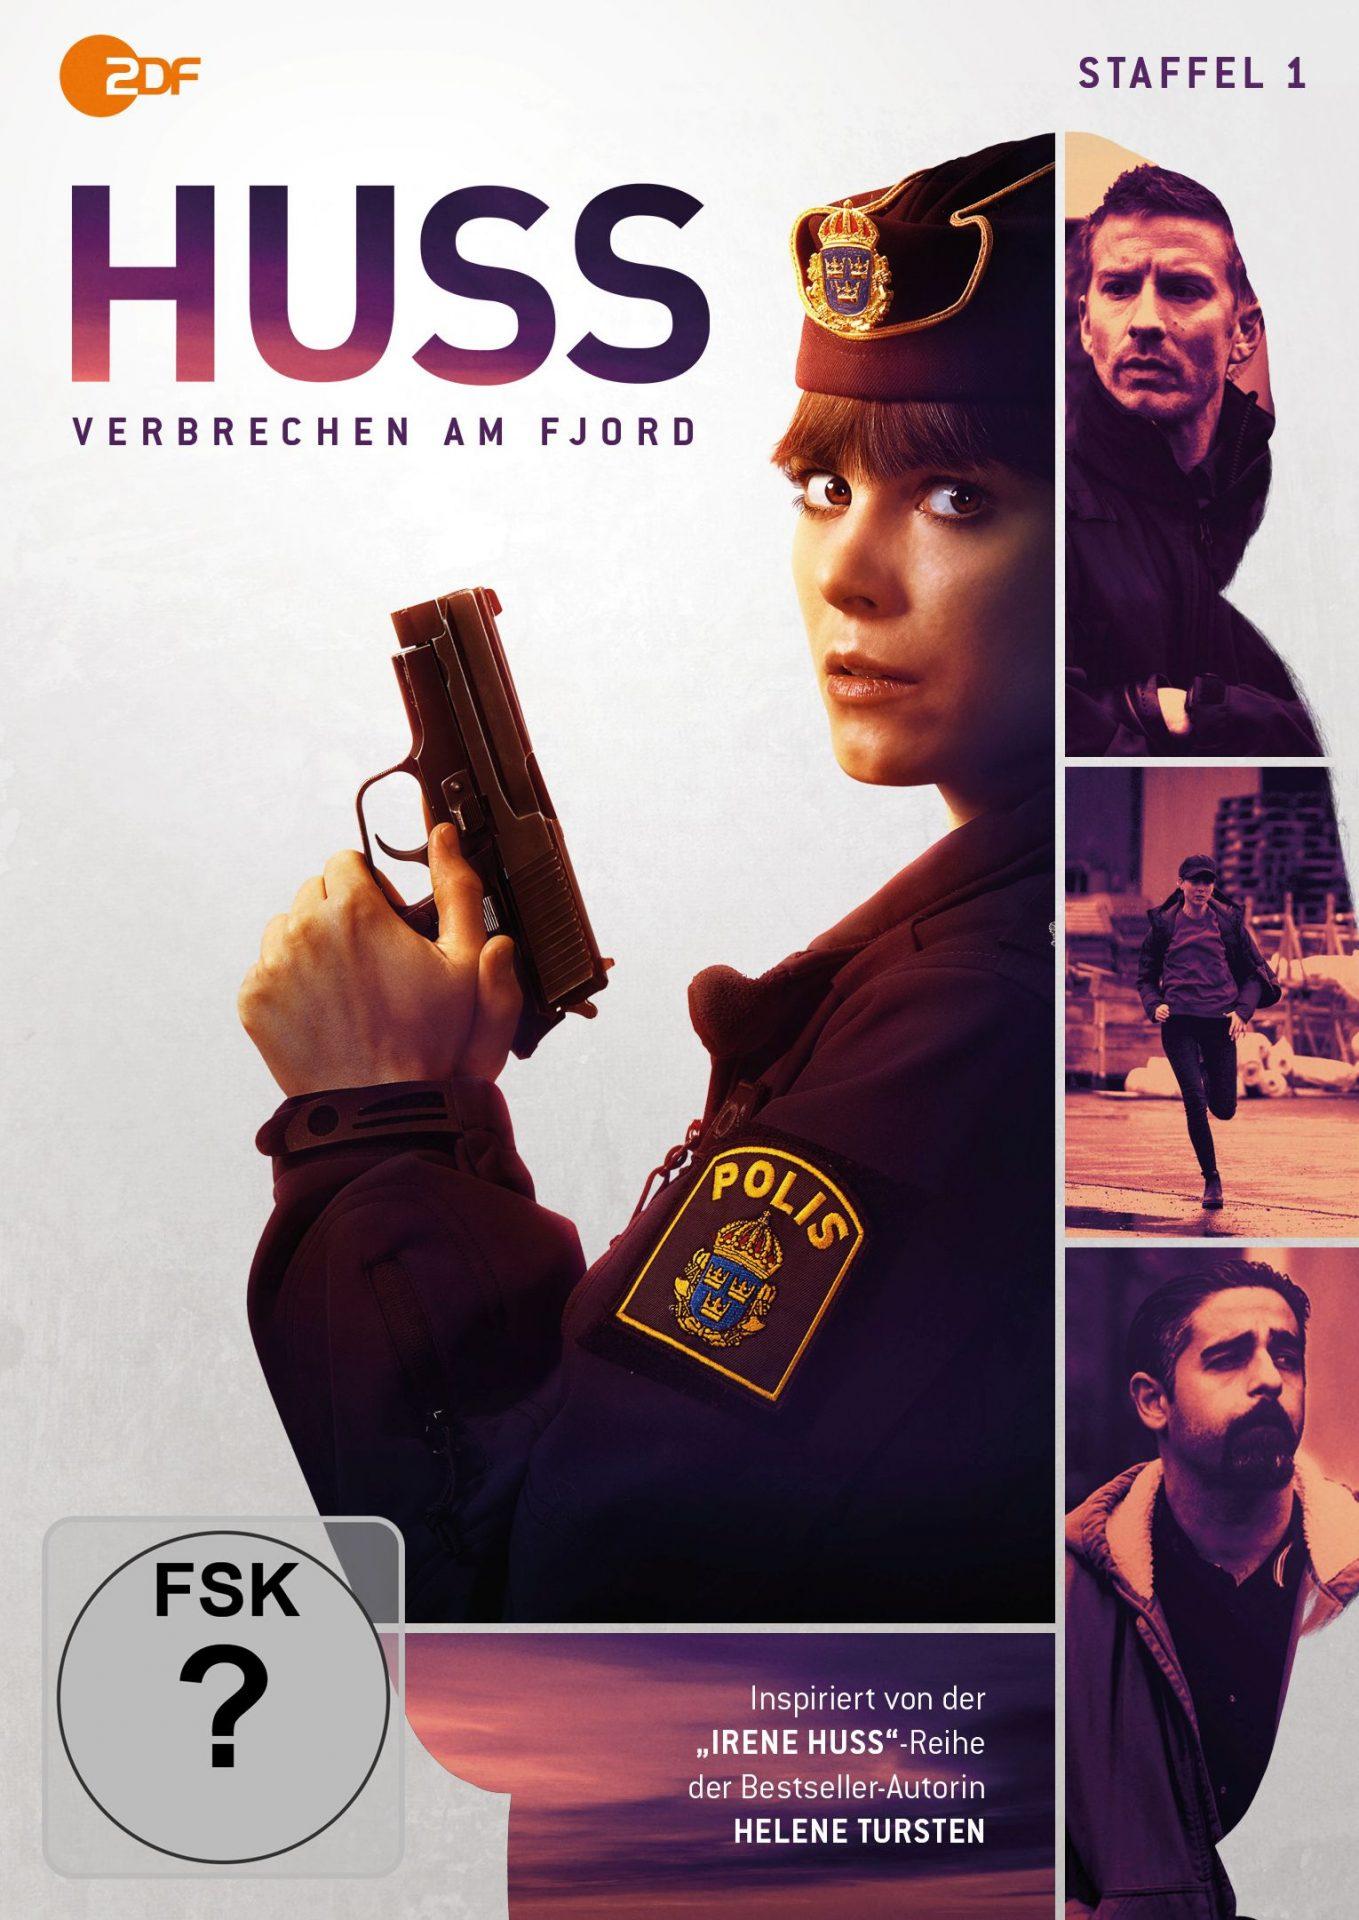 Huss – Verbrechen am Fjord Staffel 1